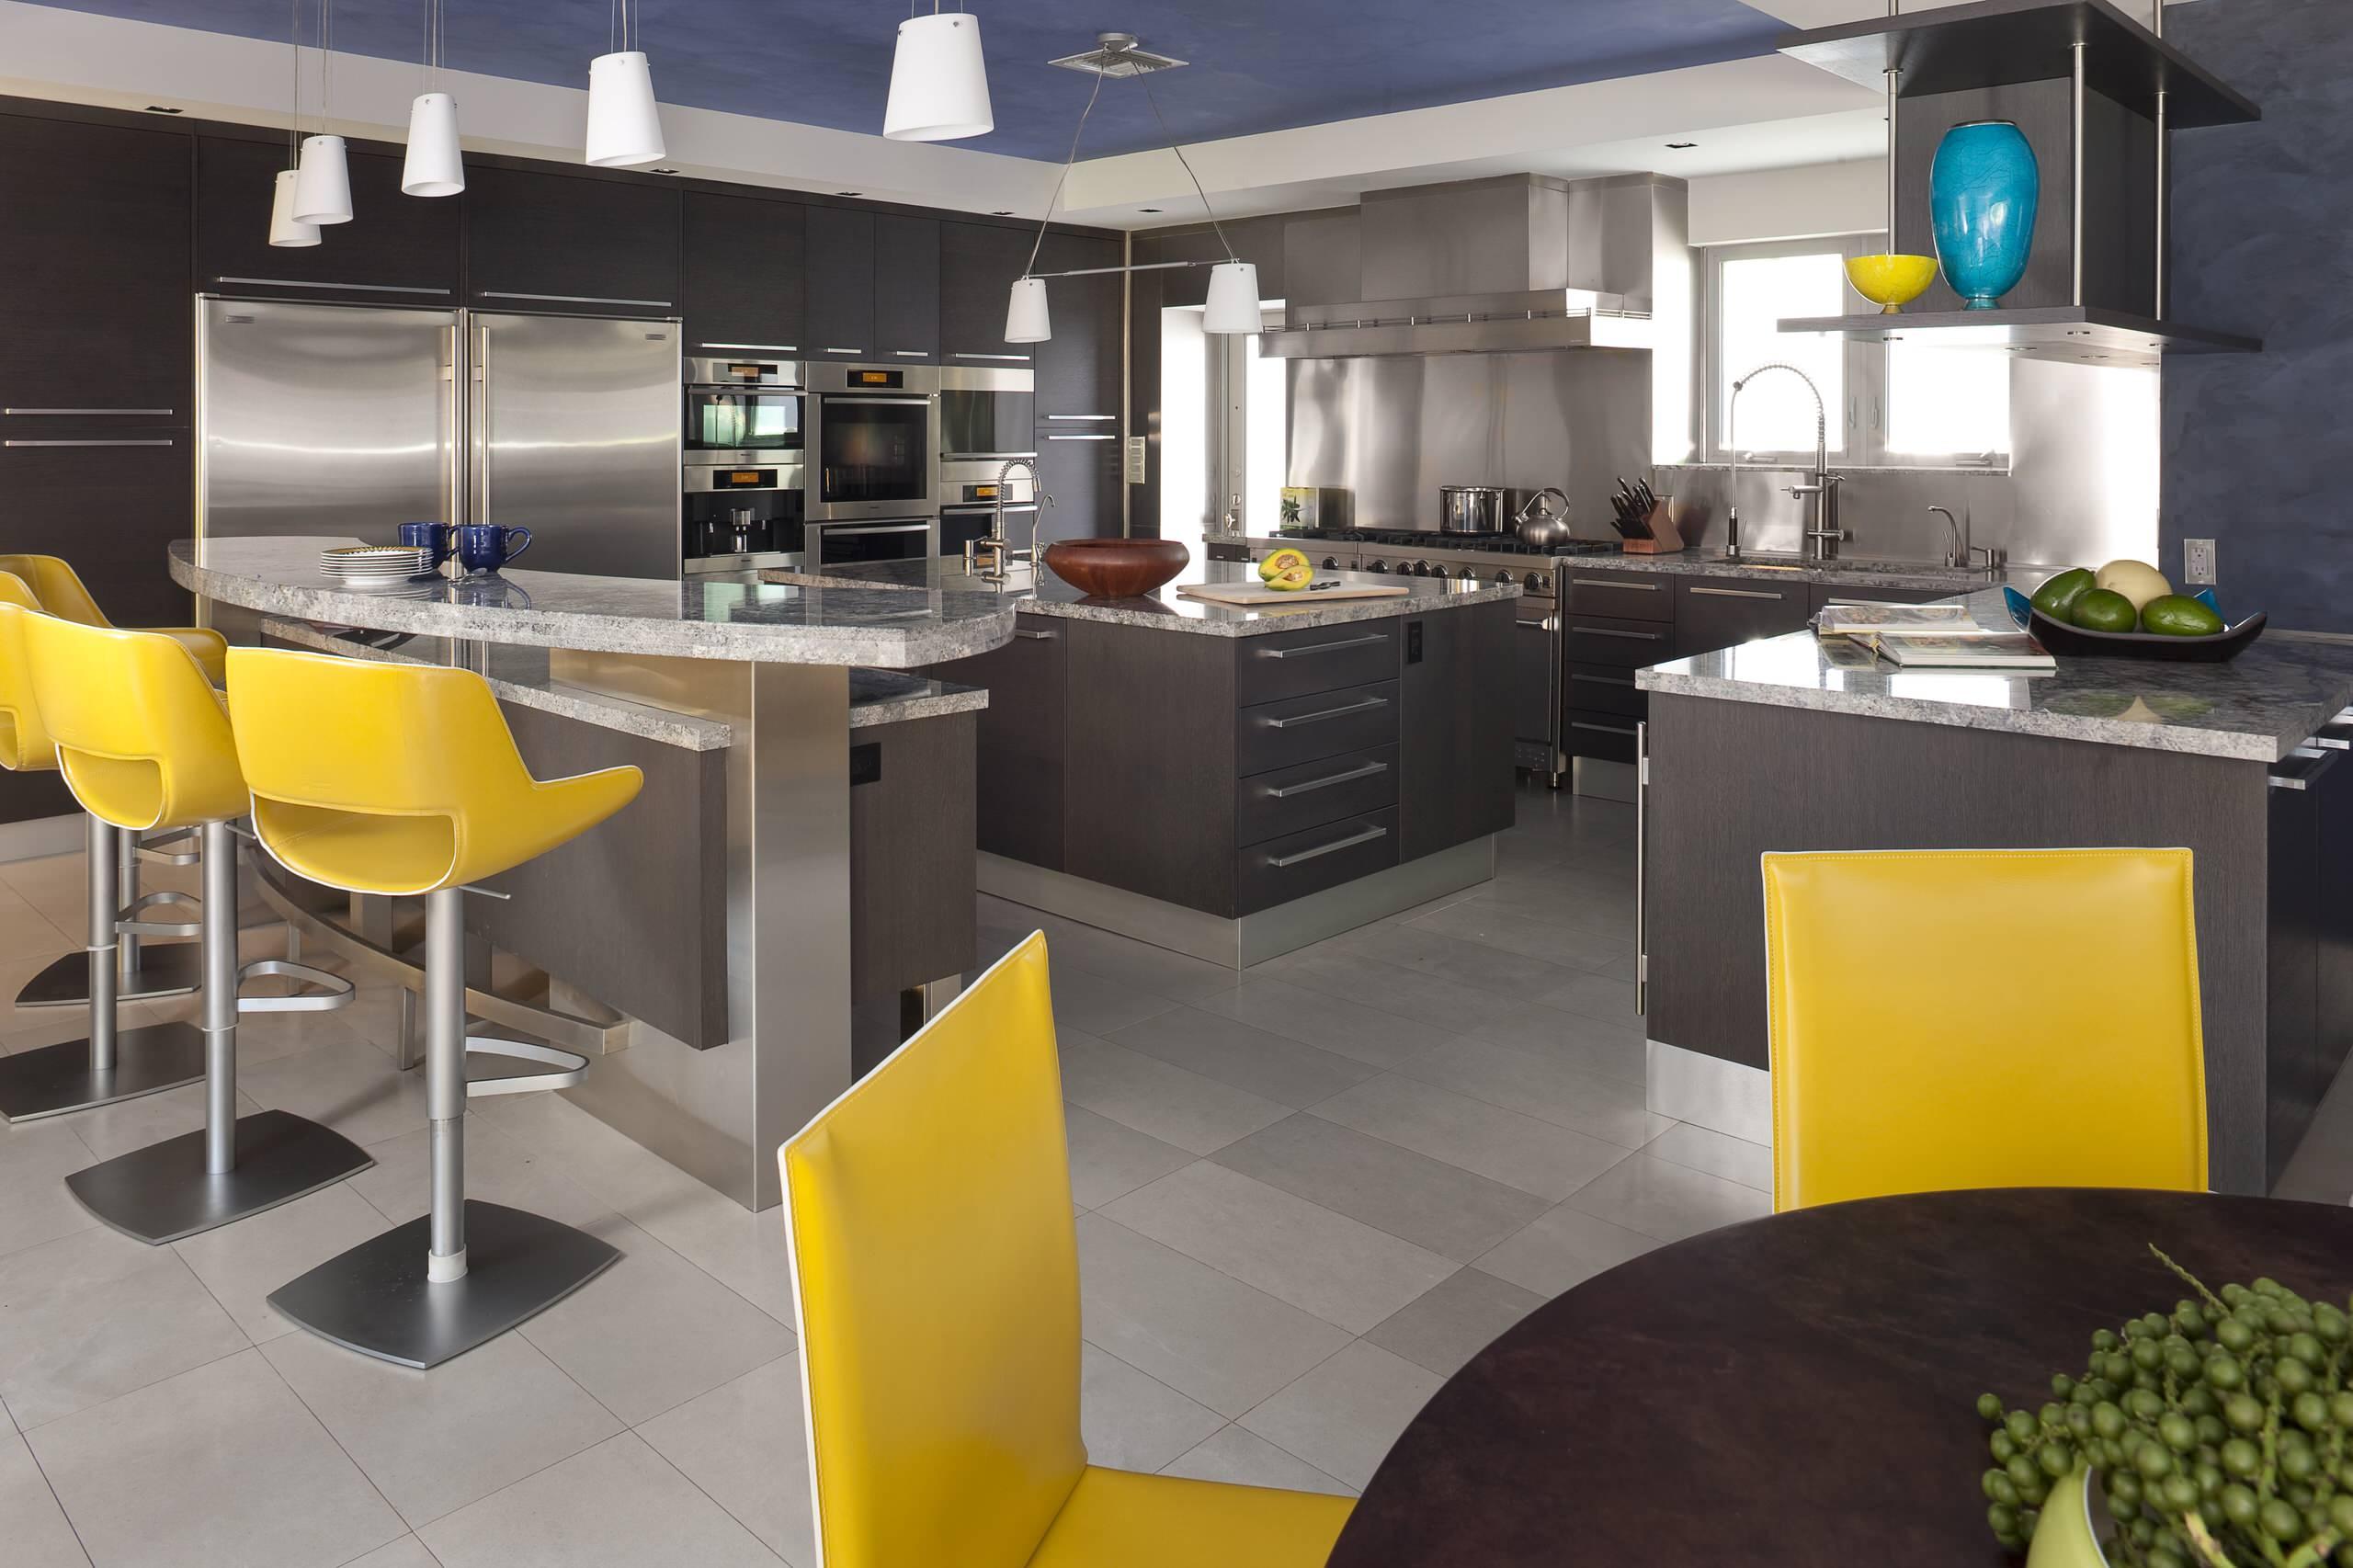 Yellow And Gray Kitchen Houzz